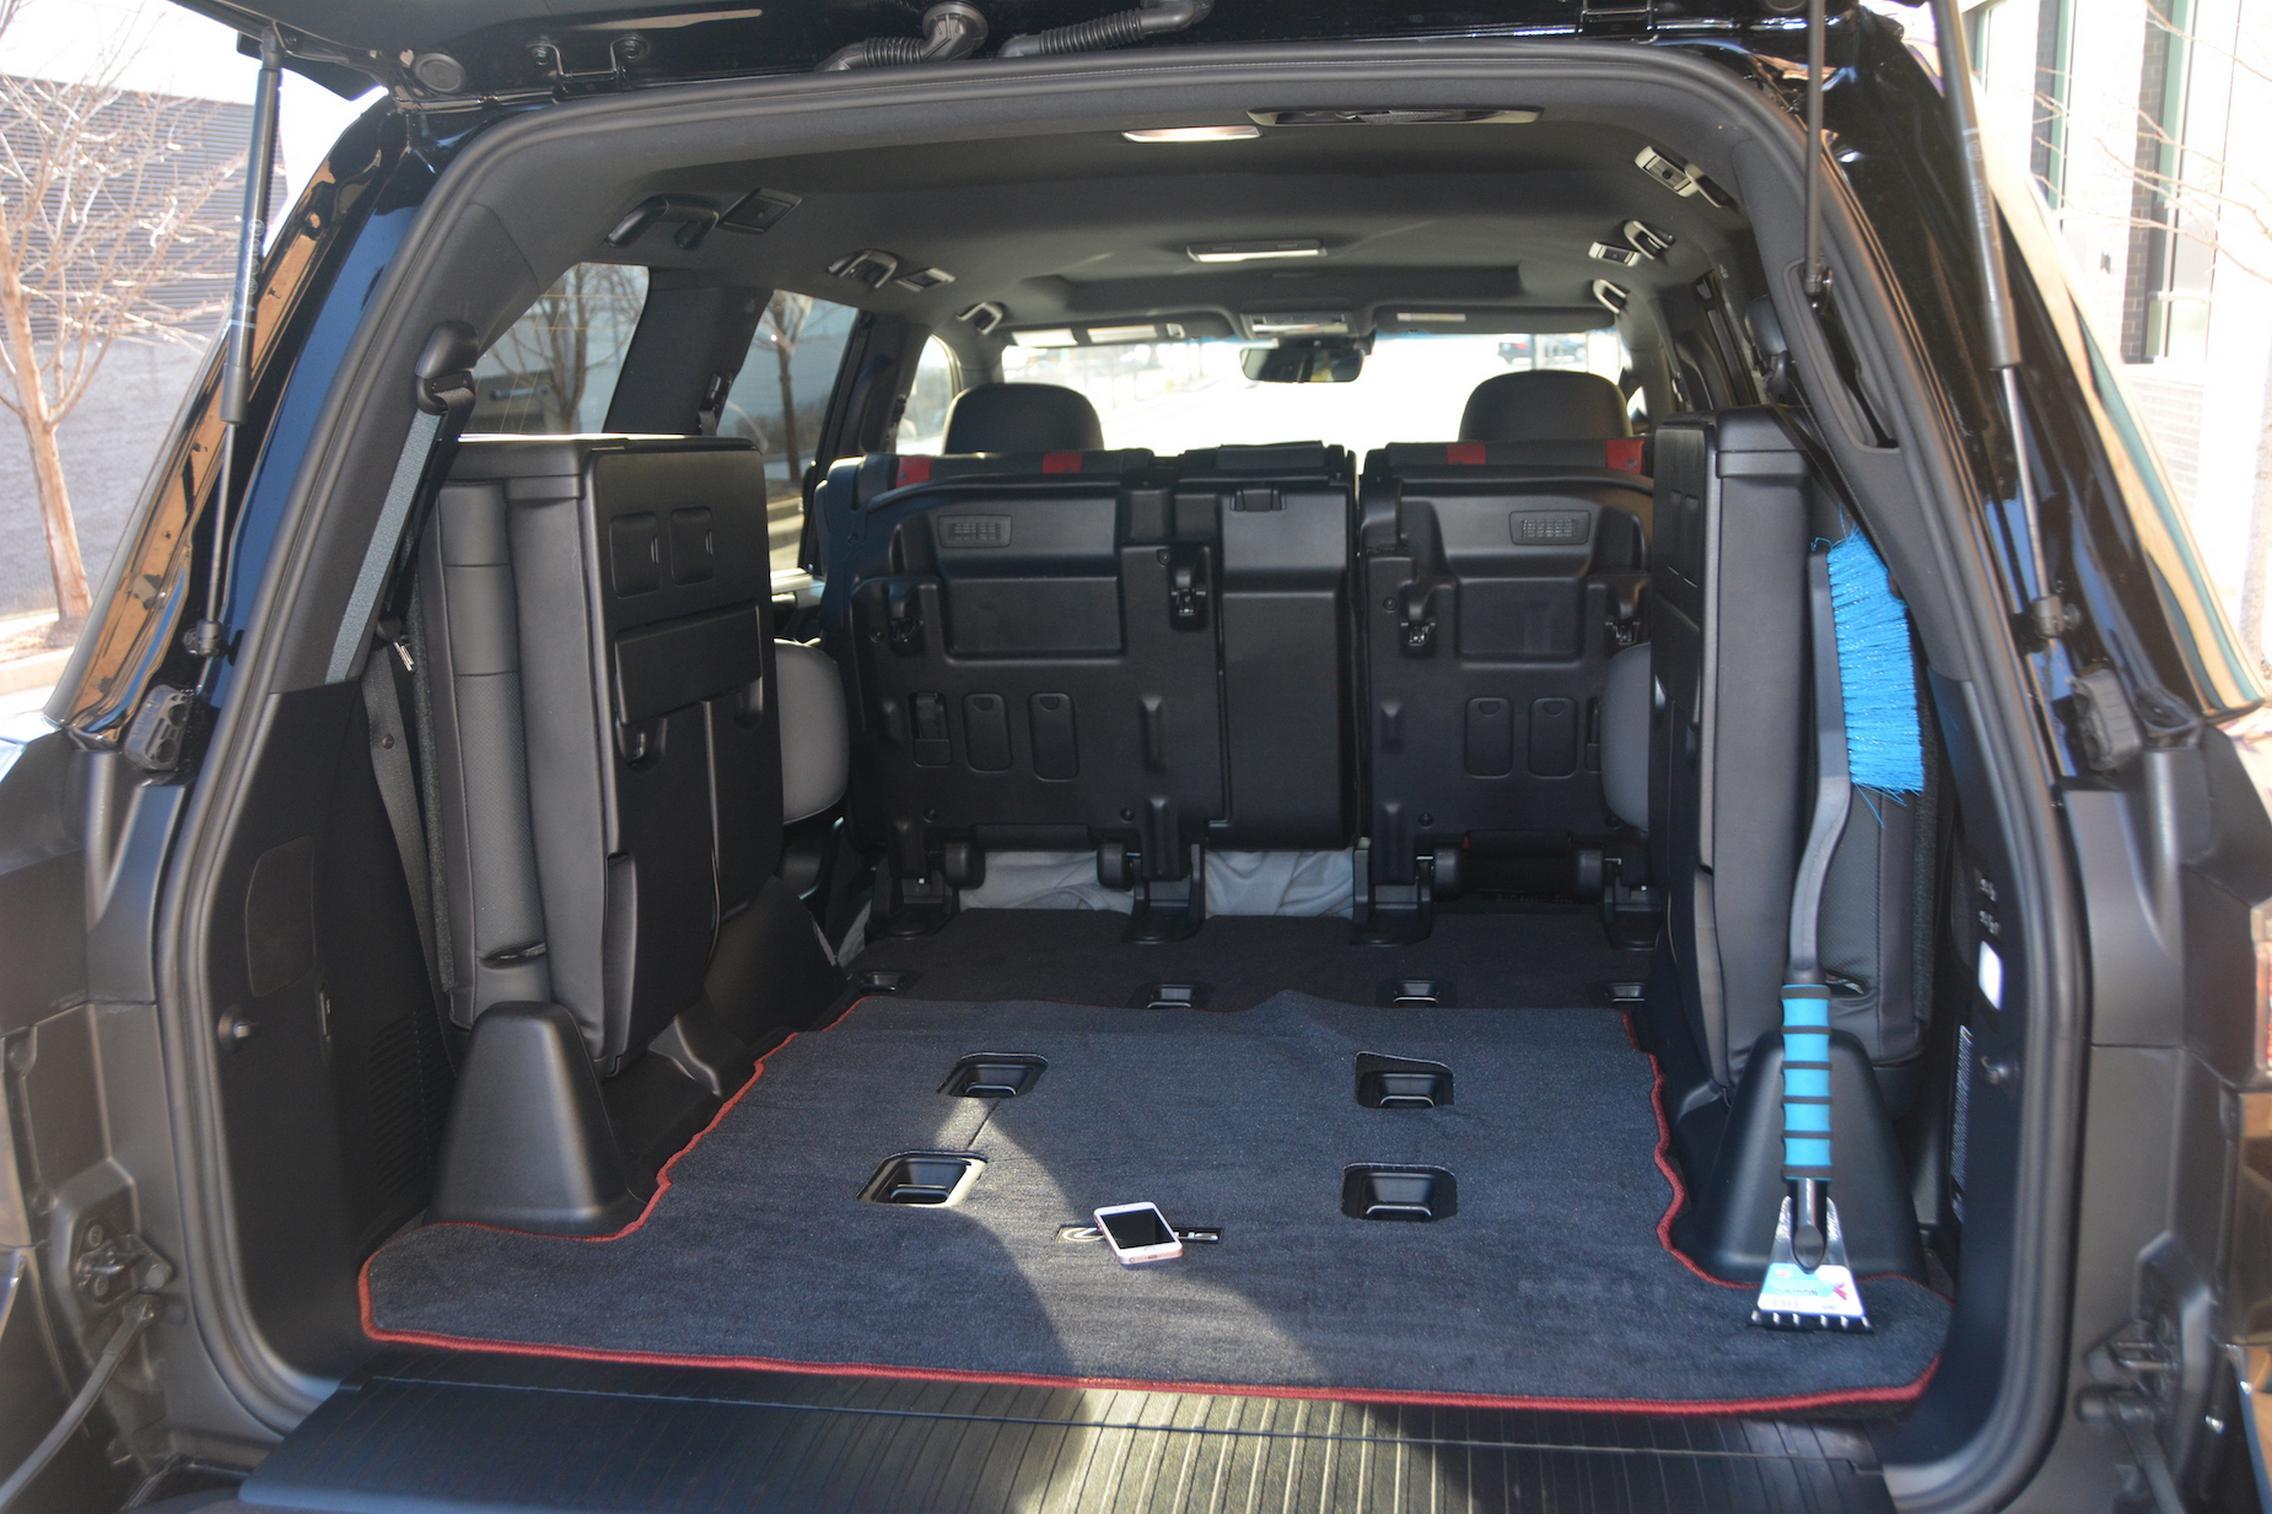 2021 Lexus LX570 boot